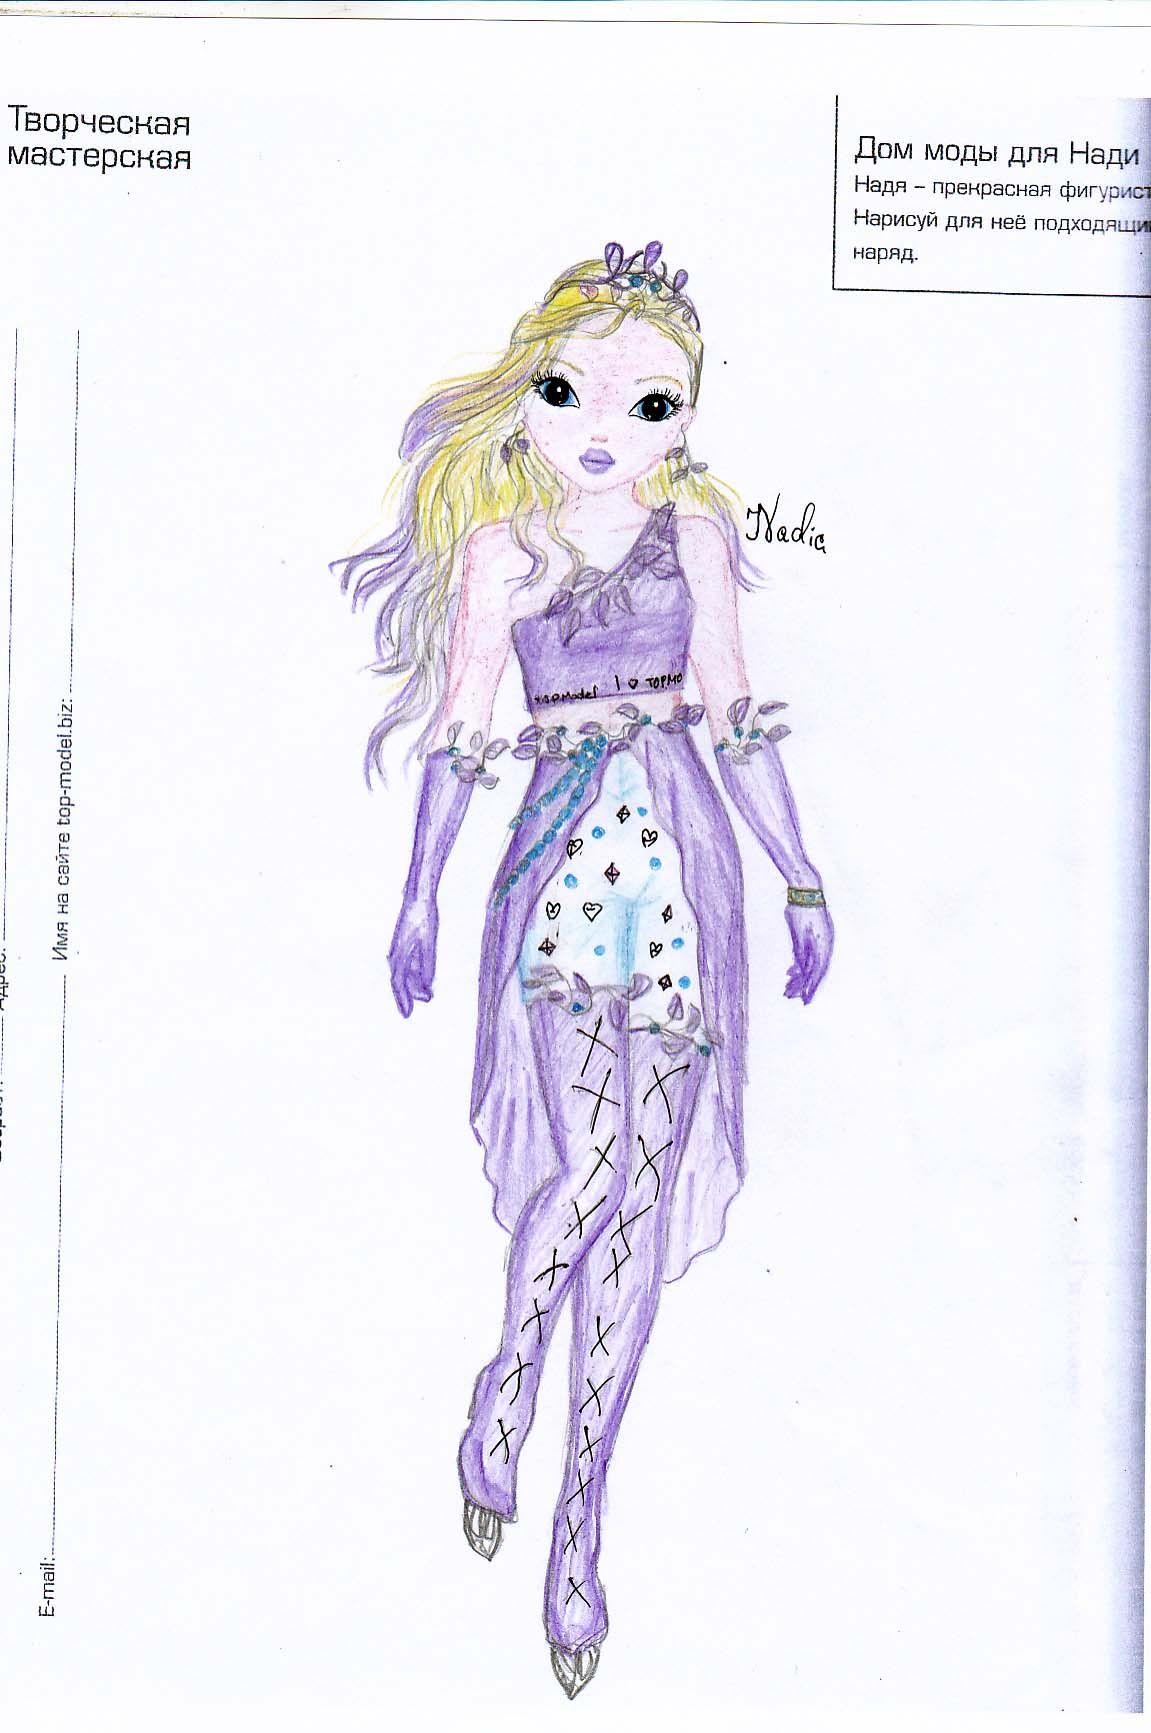 Marina M., 11 ans